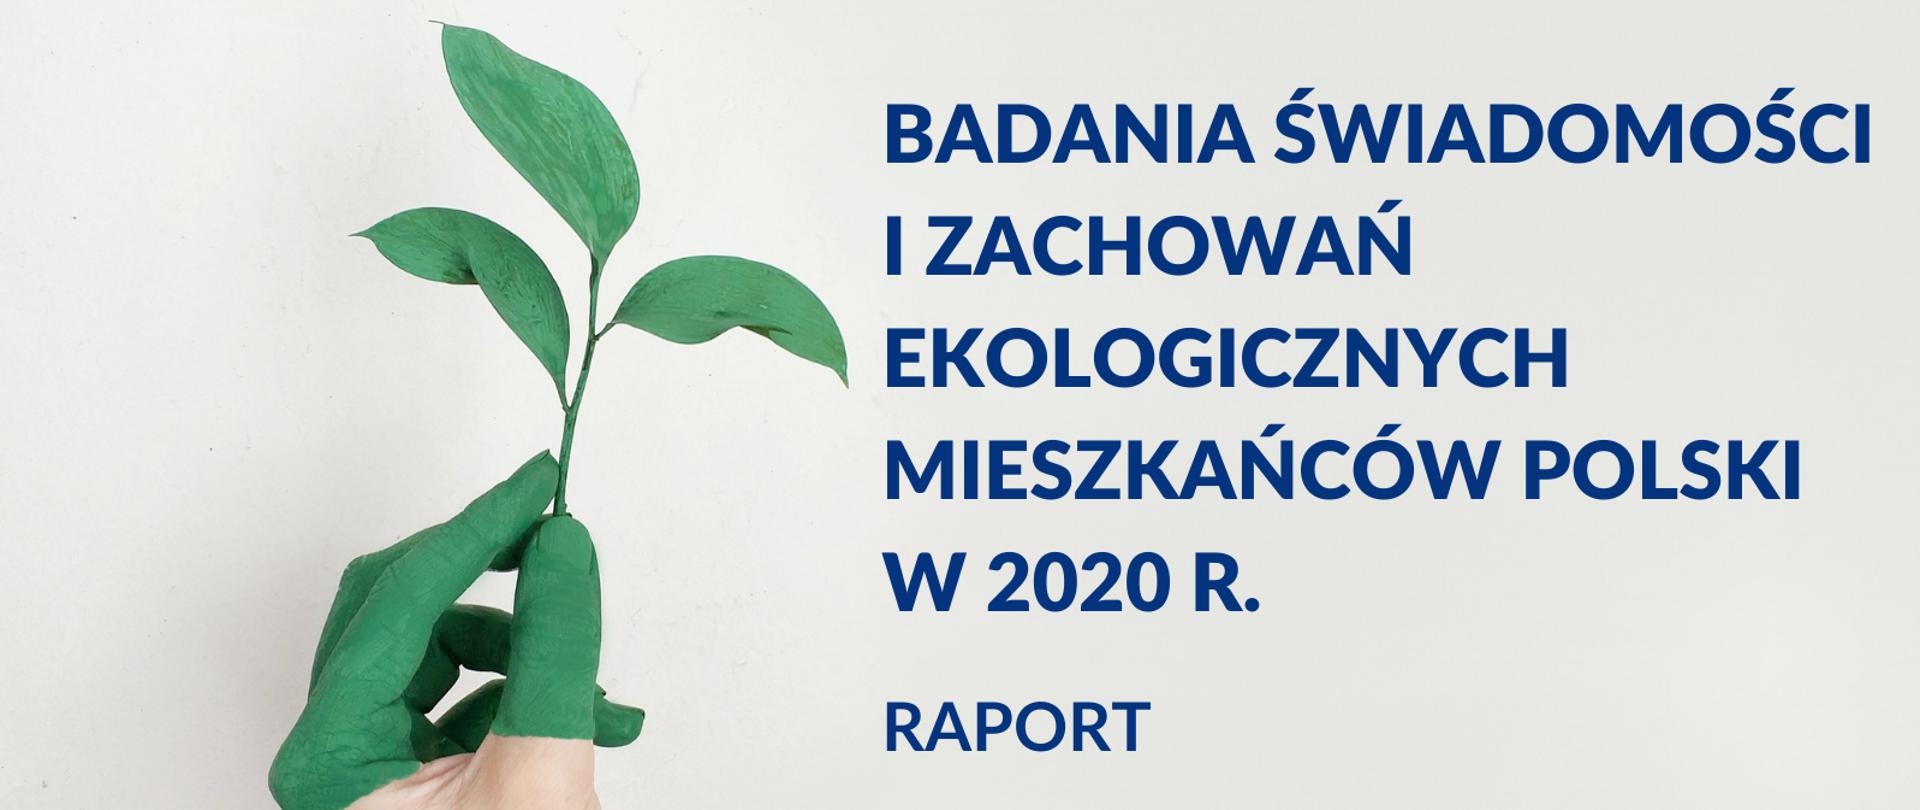 Badania świadomości i zachowań ekologicznych mieszkańców Polski w 2020 r. (badanie trackingowe)